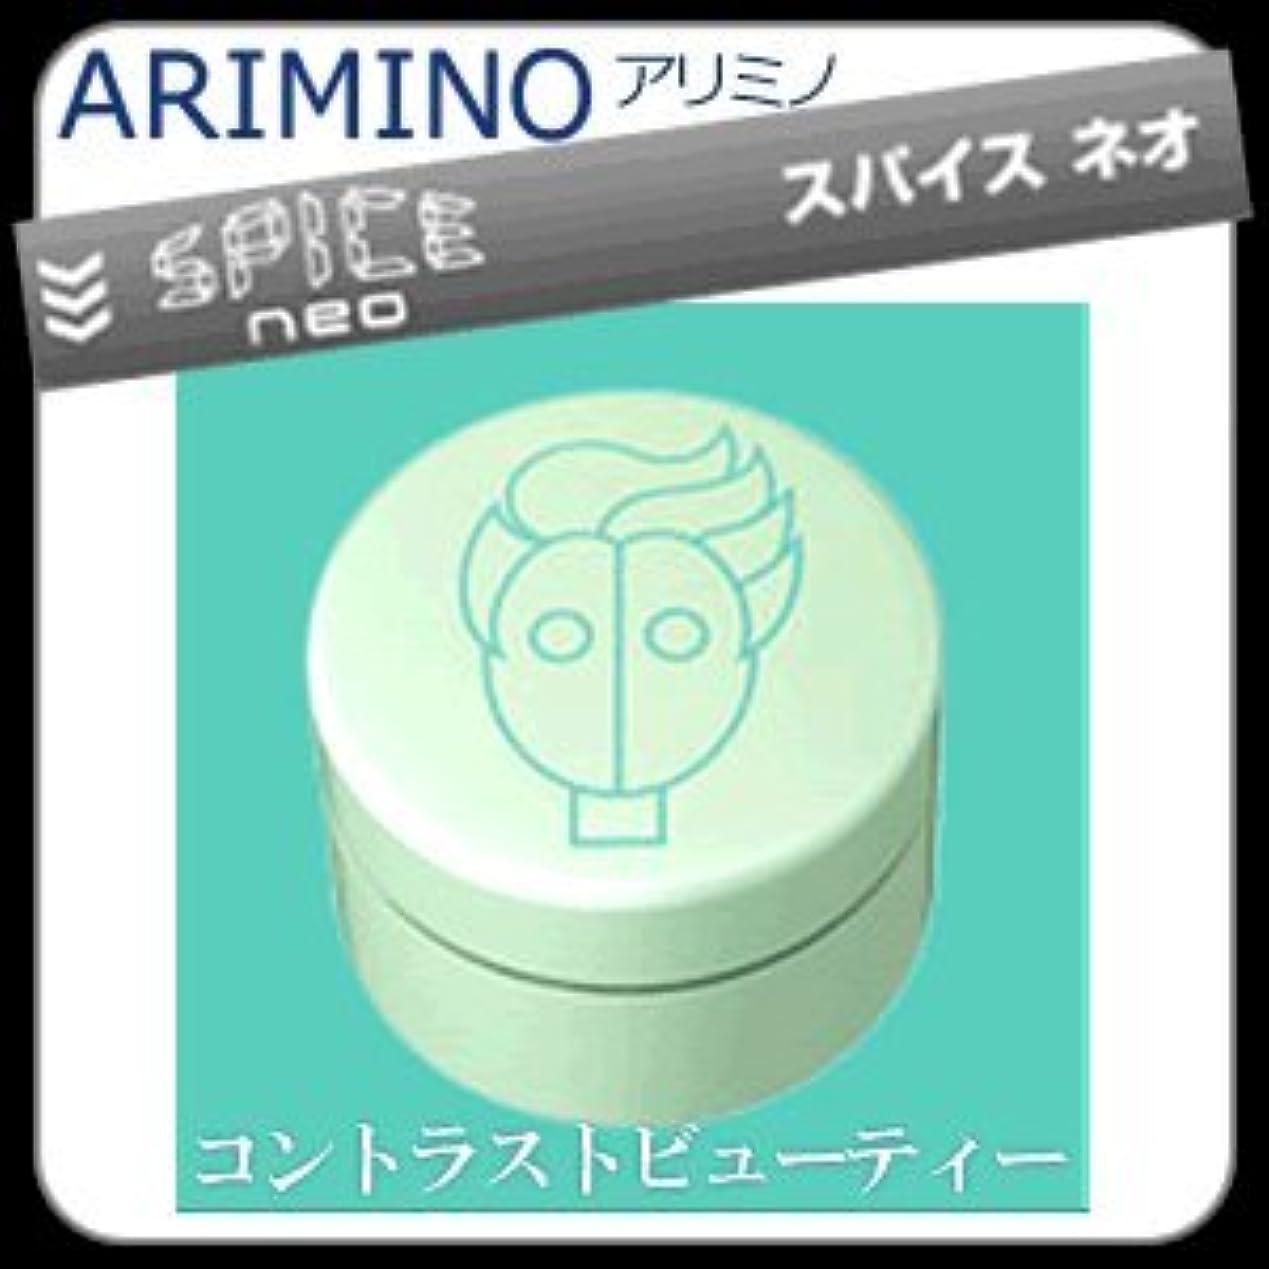 密接に上に仮定【X2個セット】 アリミノ スパイスネオ GREASE-WAX グリースワックス 100g ARIMINO SPICE neo